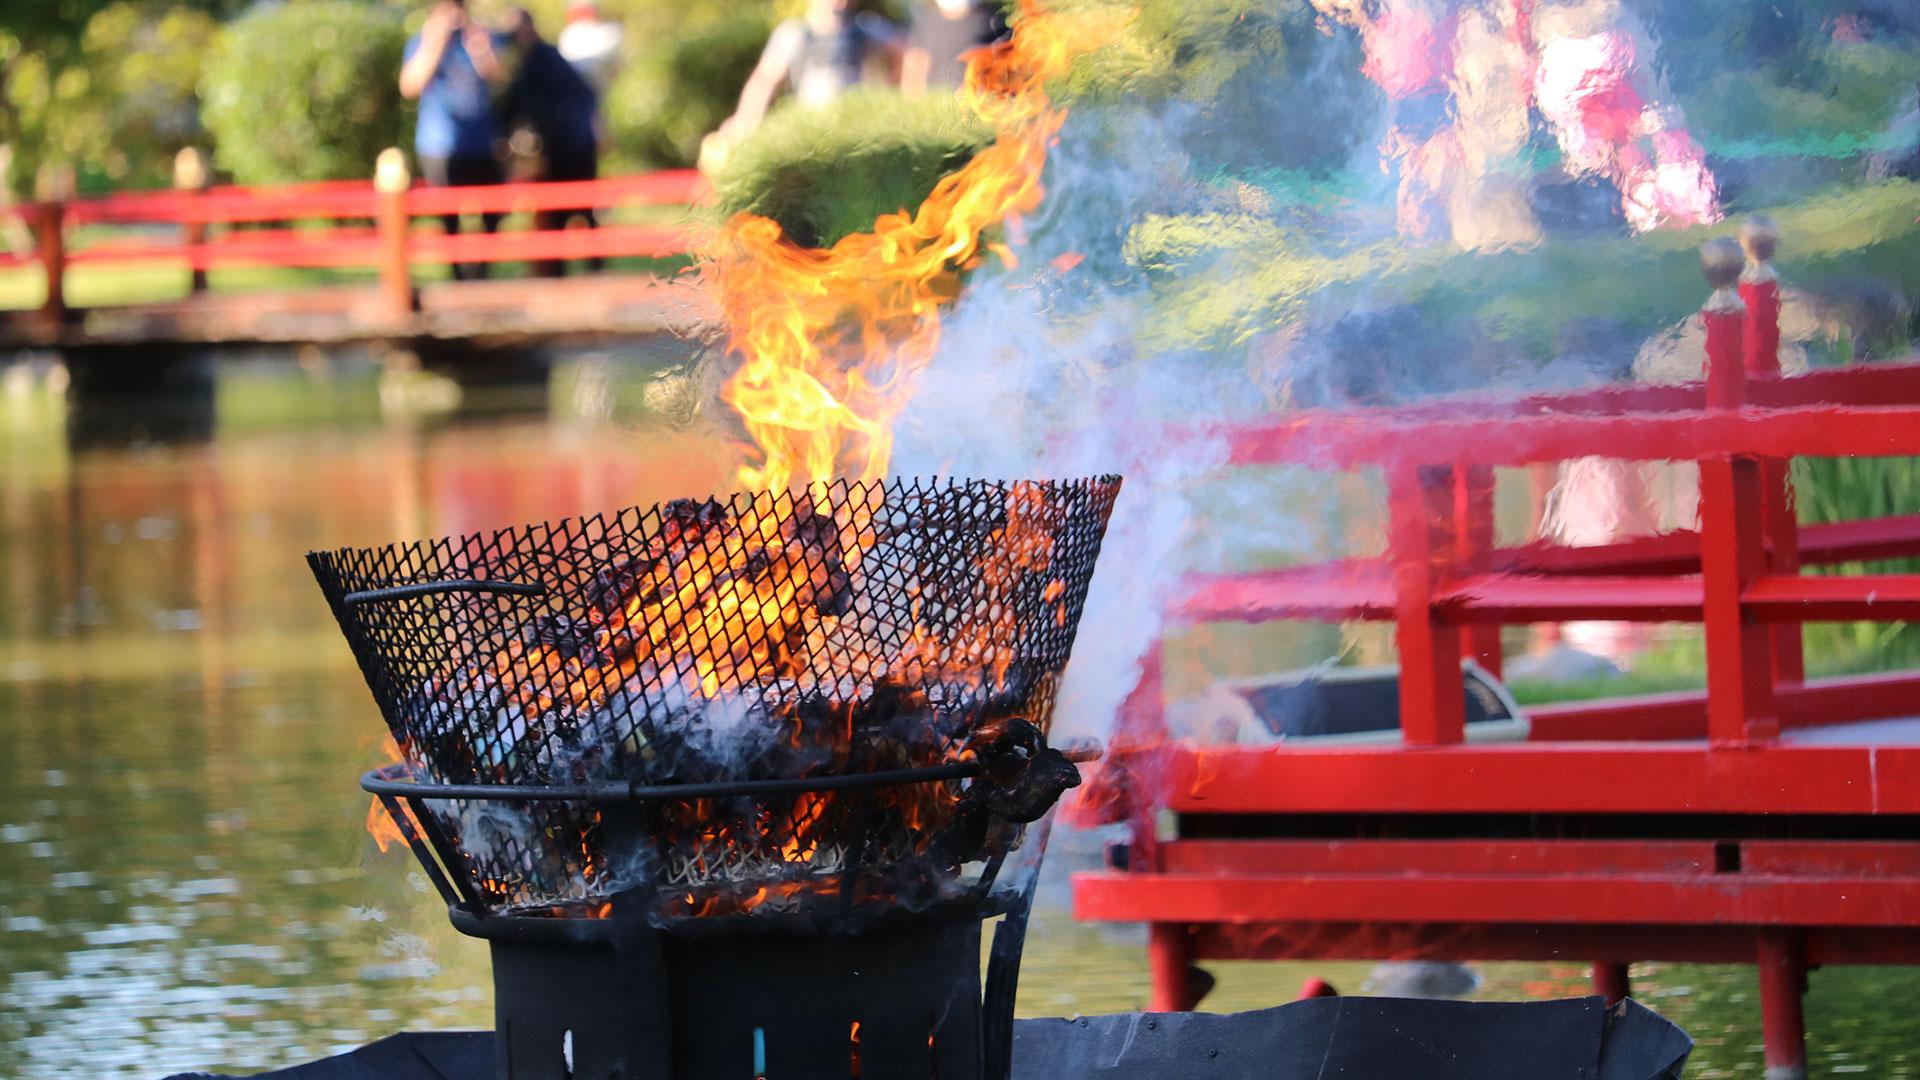 El siguiente paso es la realización del Oharai que es la limpieza previa a la quema, para despojarnos de los malos espíritus. Con el Oharai se crea un ambiente apto para el momento de la quema (Gentileza Jardín Japonés)